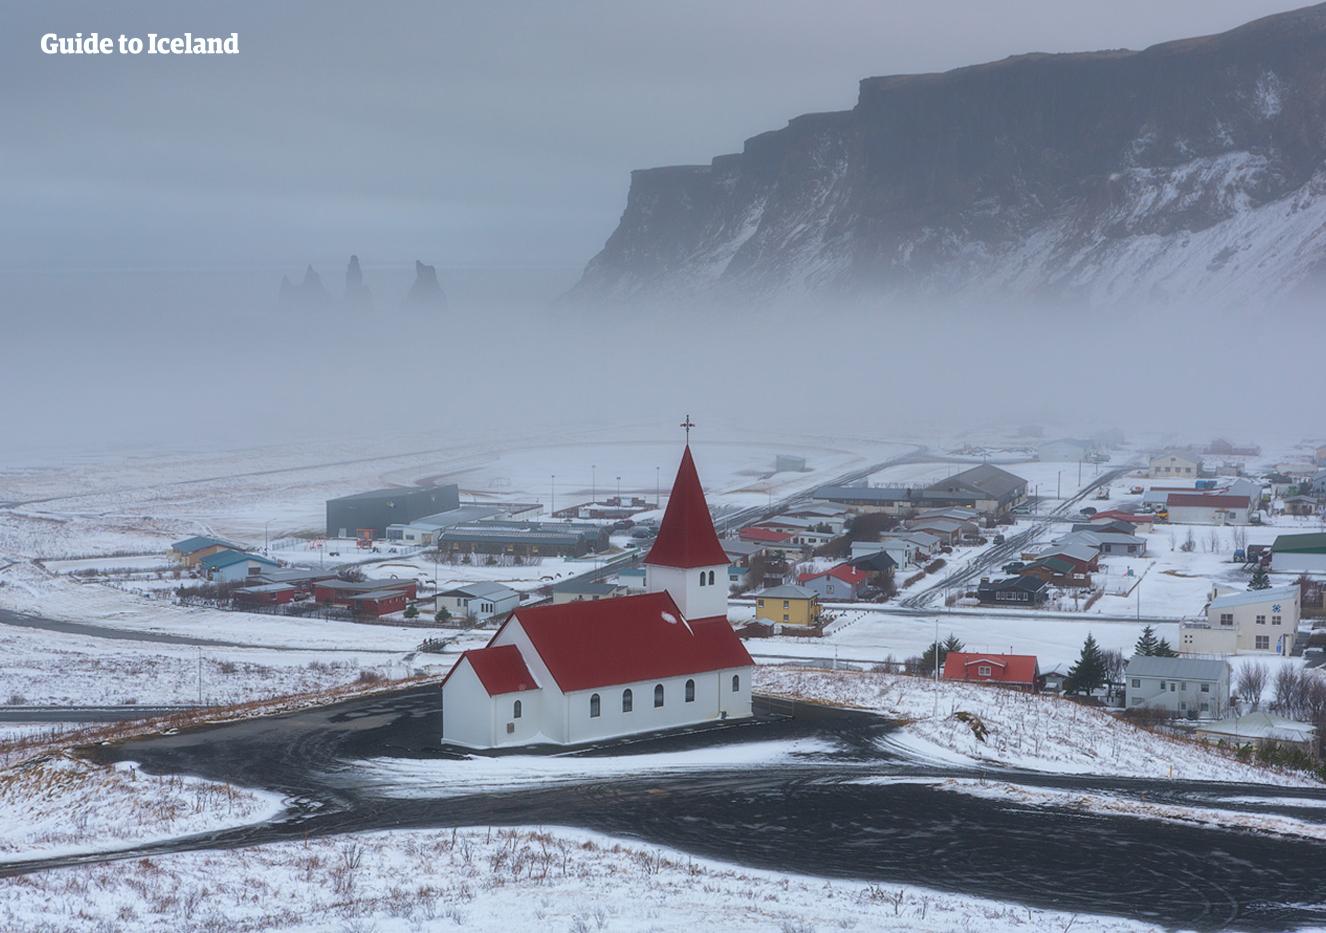 Autotour de 11 jours | Route circulaire, aurores boréales et Snæfellsnes - day 9